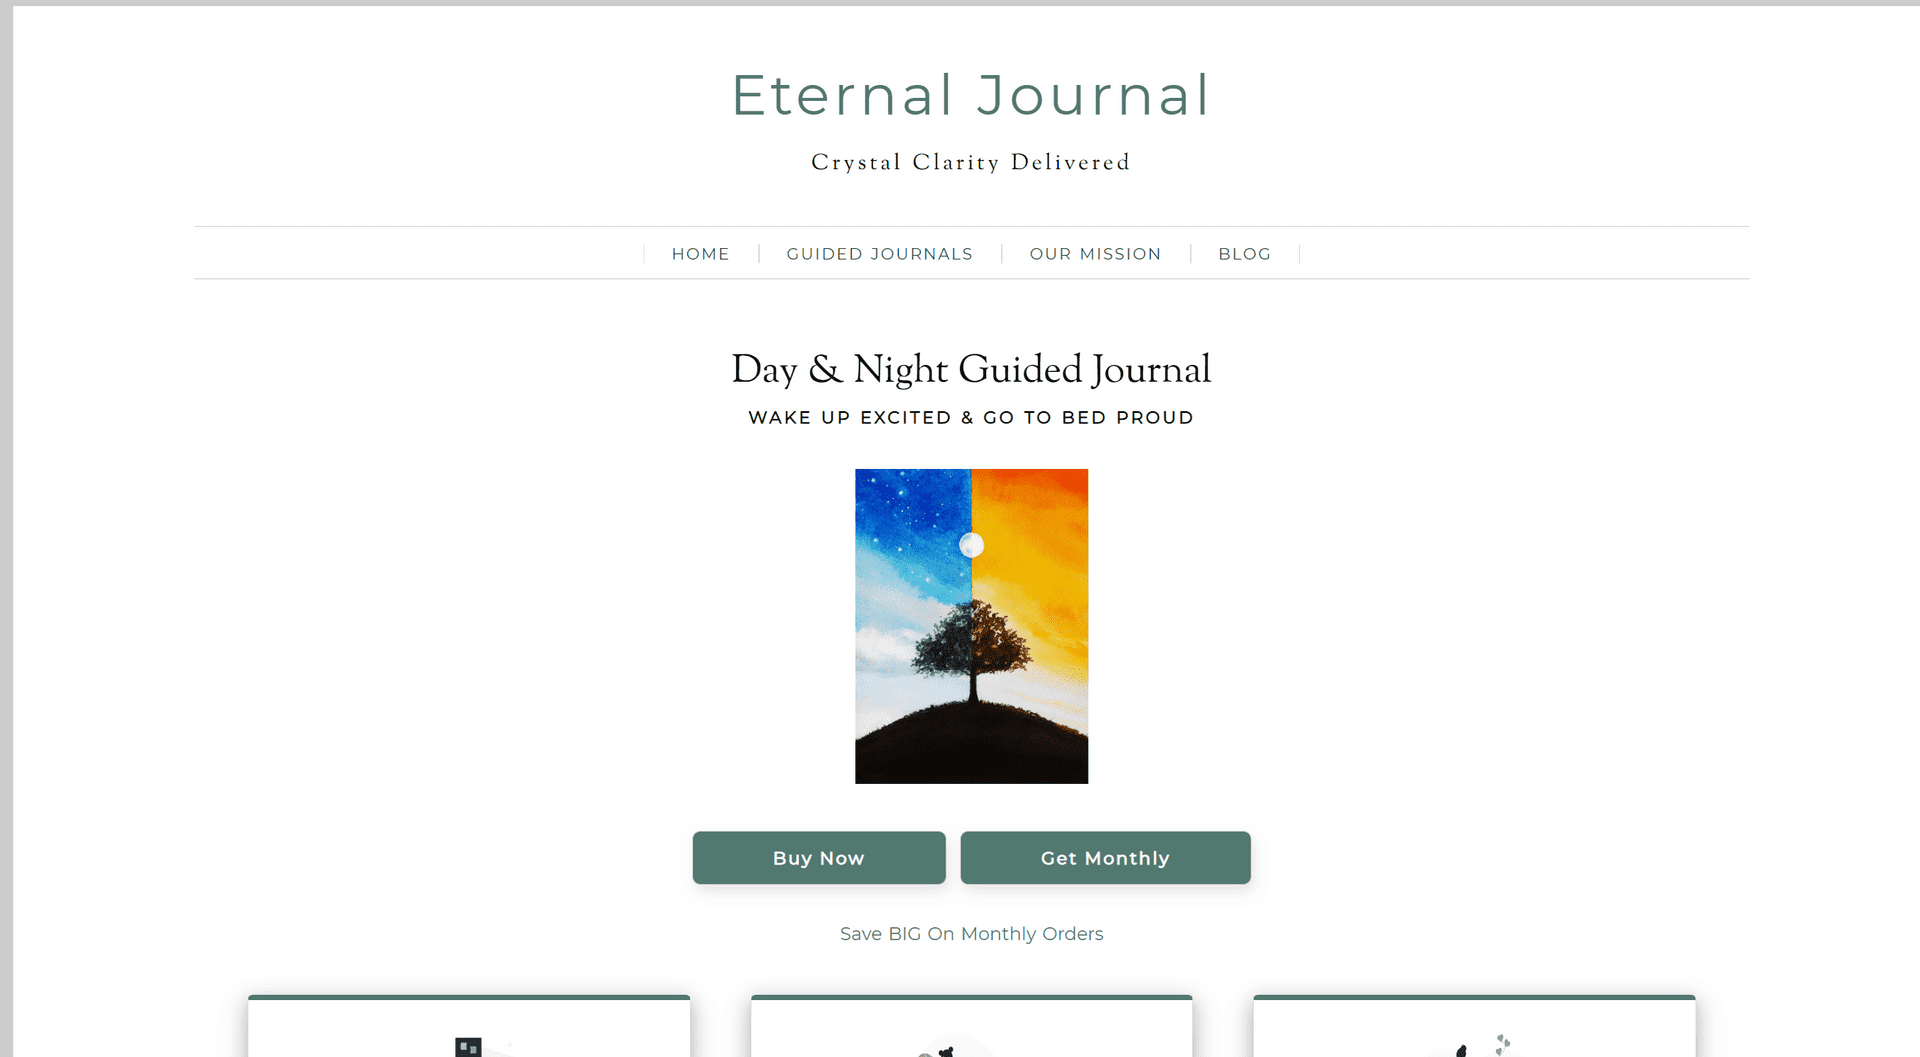 Eternal Journal eCommerce Homepage